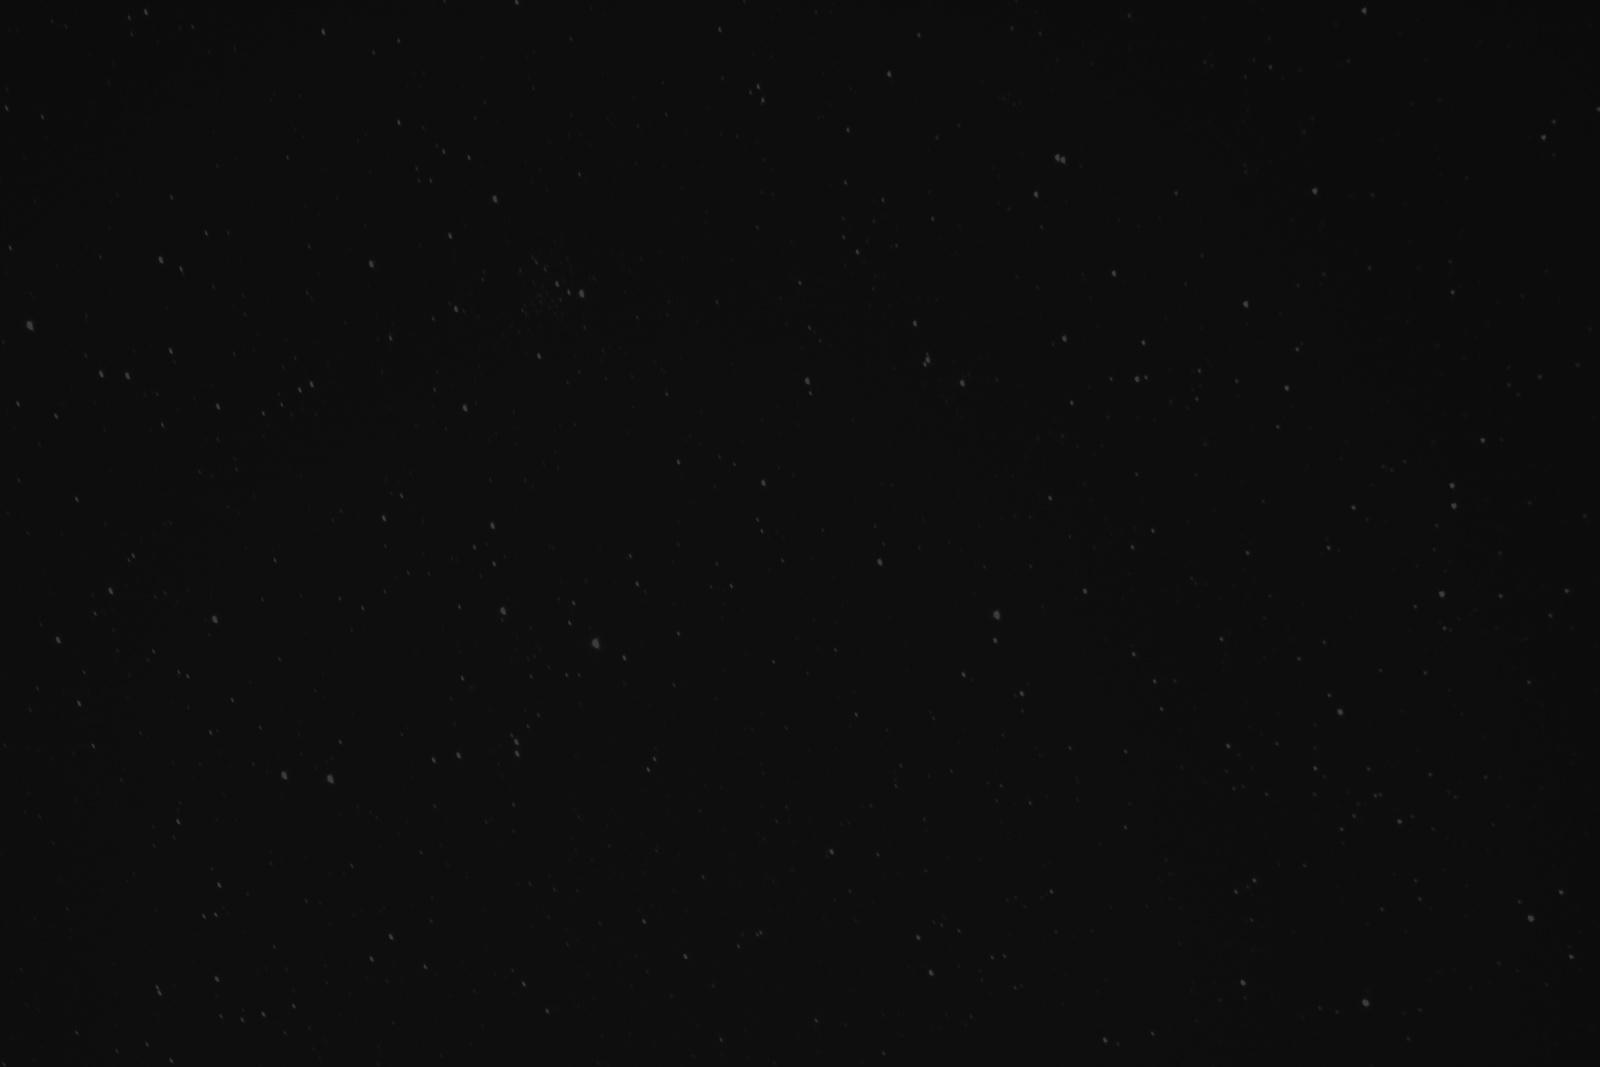 NGC_2266_Light_300_secs_036.thumb.jpg.a243b4772a47329f5e82bec56a665033.jpg